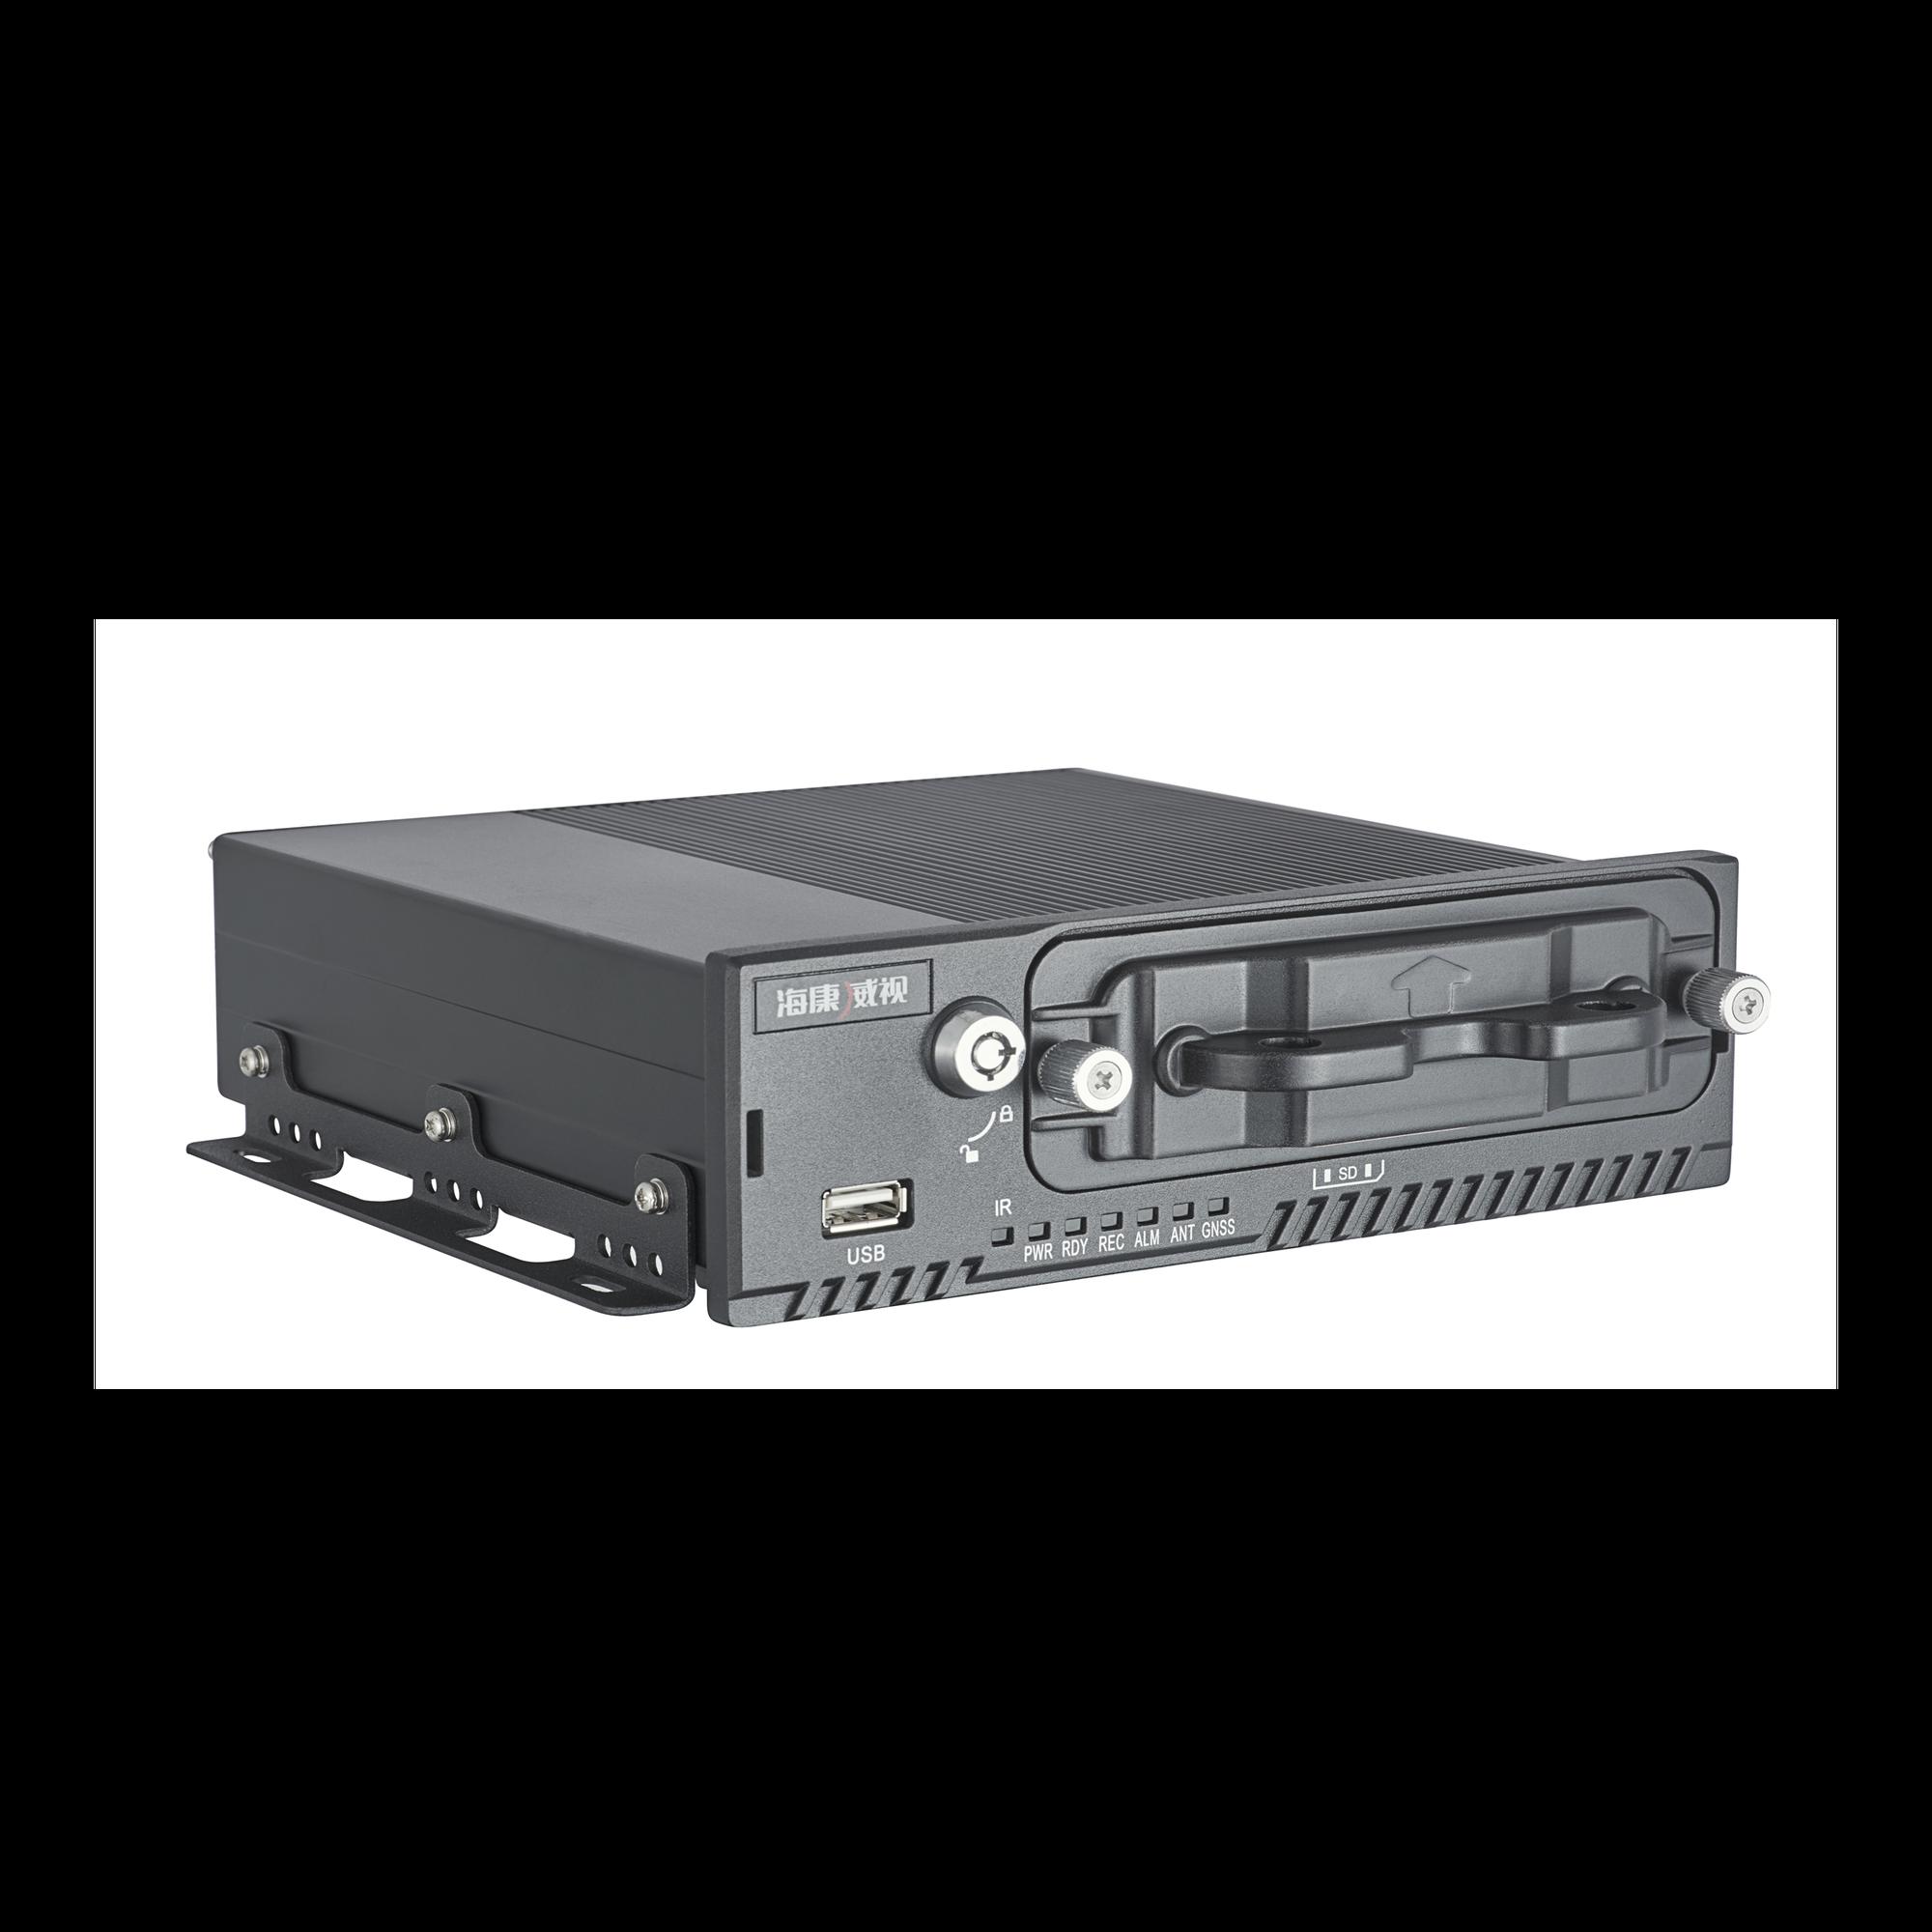 DVR Móvil 4 Canales 1080P/ Soporta 3G, GPS y WiFi / 1 TB de Disco Incluido / Monitoreo Remoto / Soporta Memoria SD